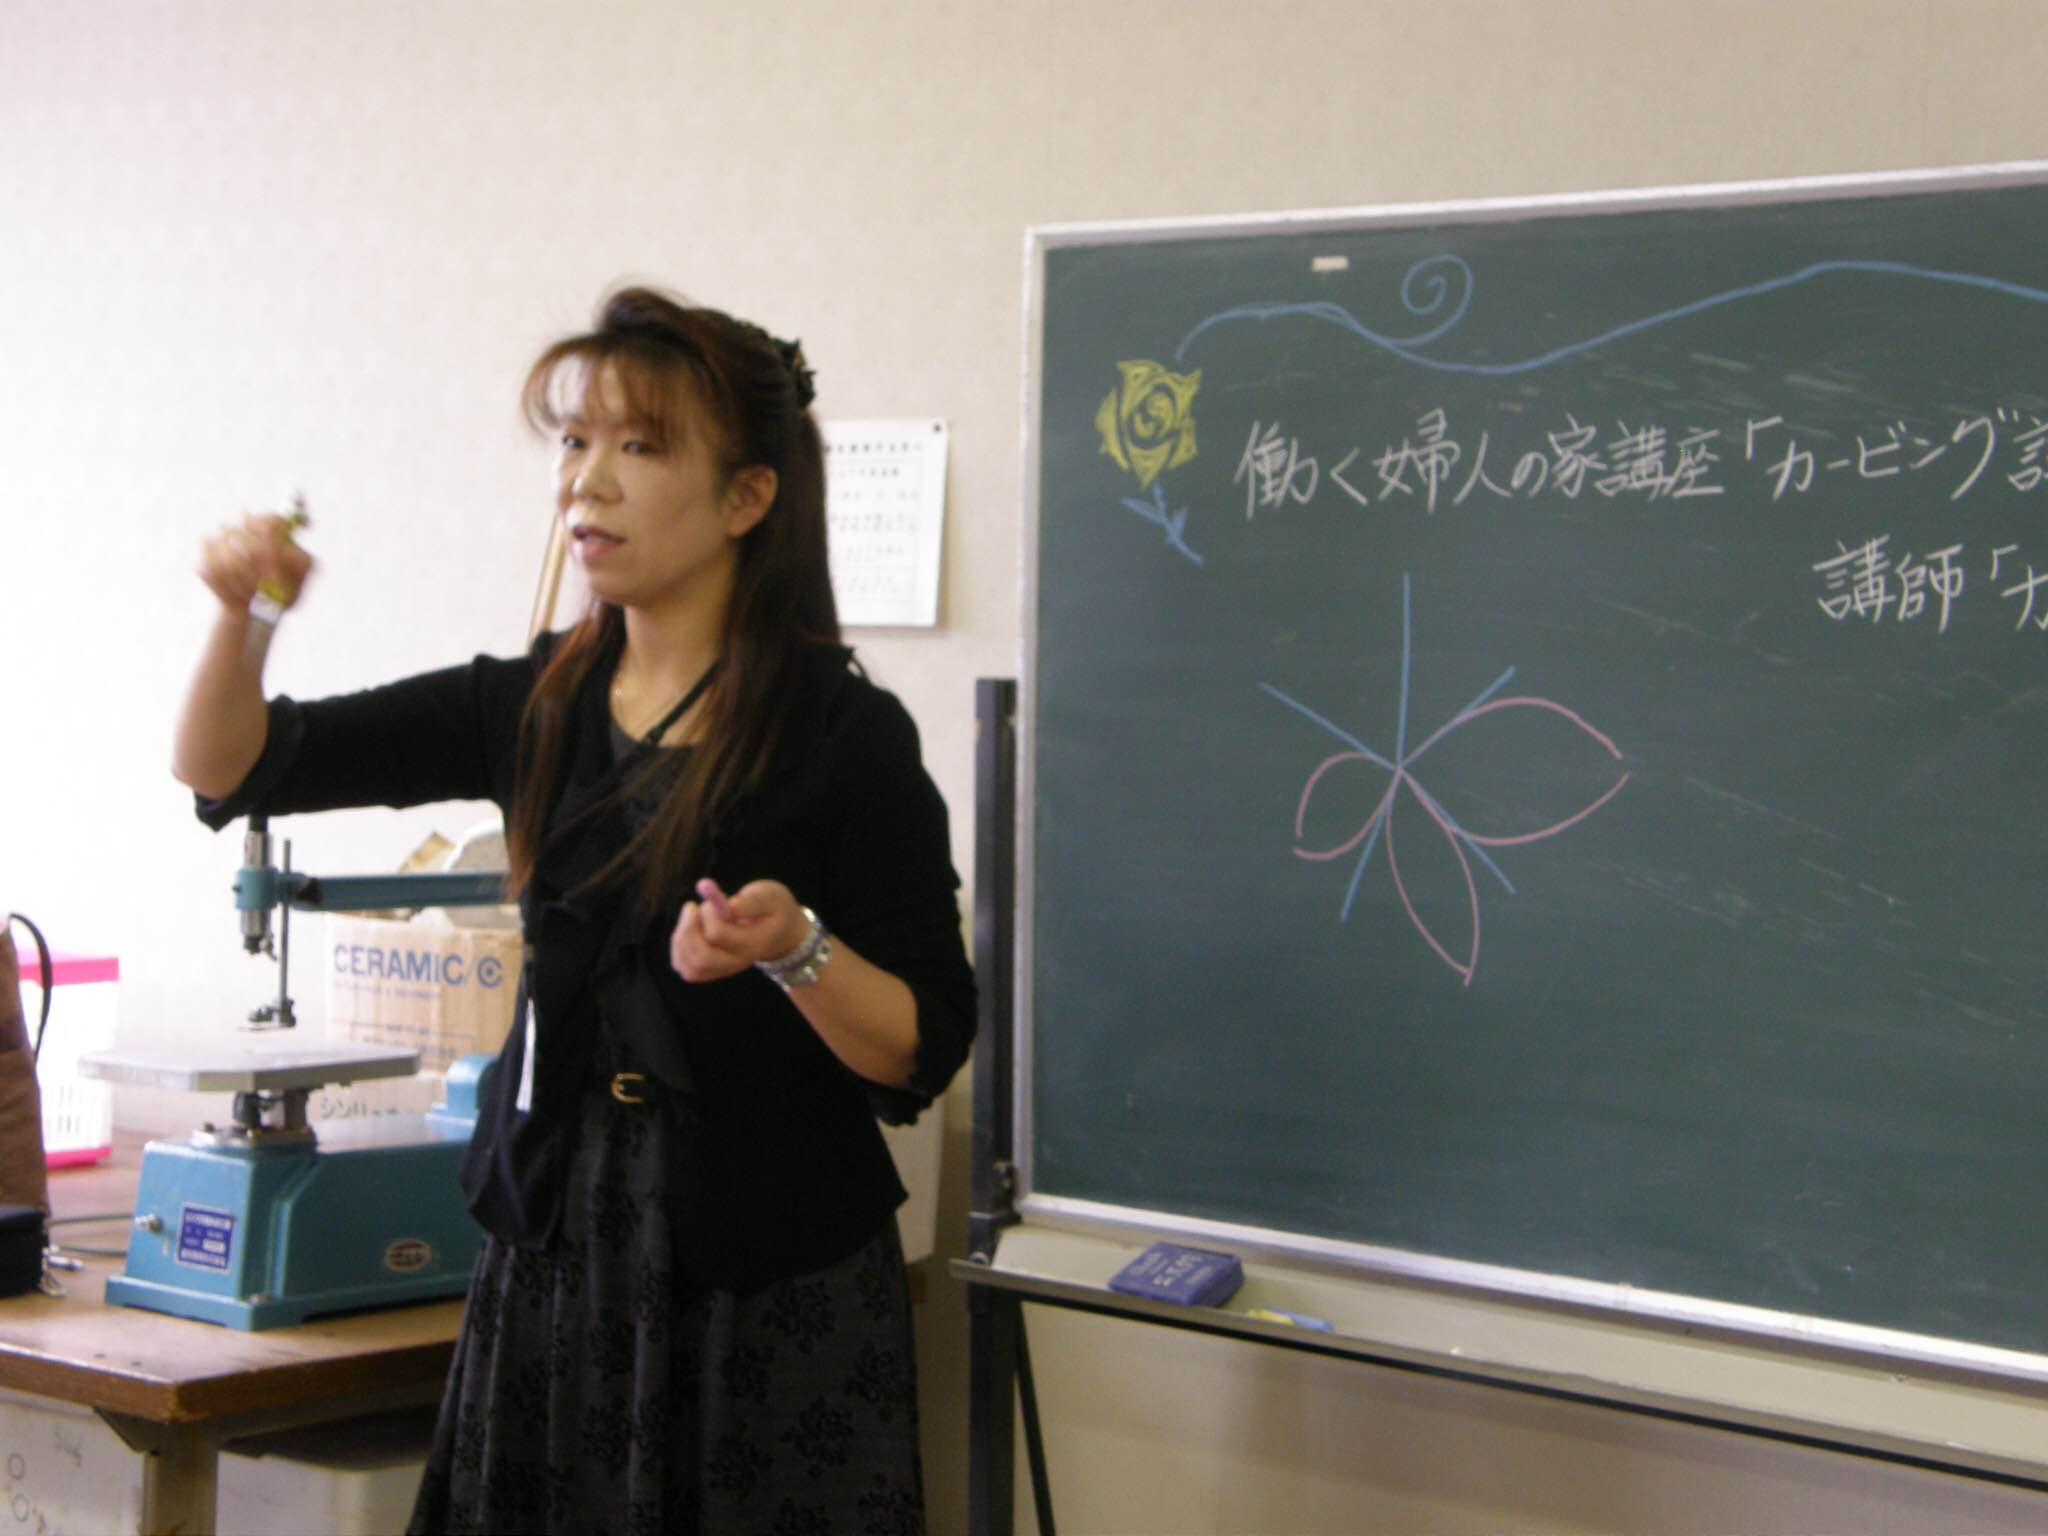 カービング秋田 Dozen Rose 大潟村教室 (大潟村公民館内)